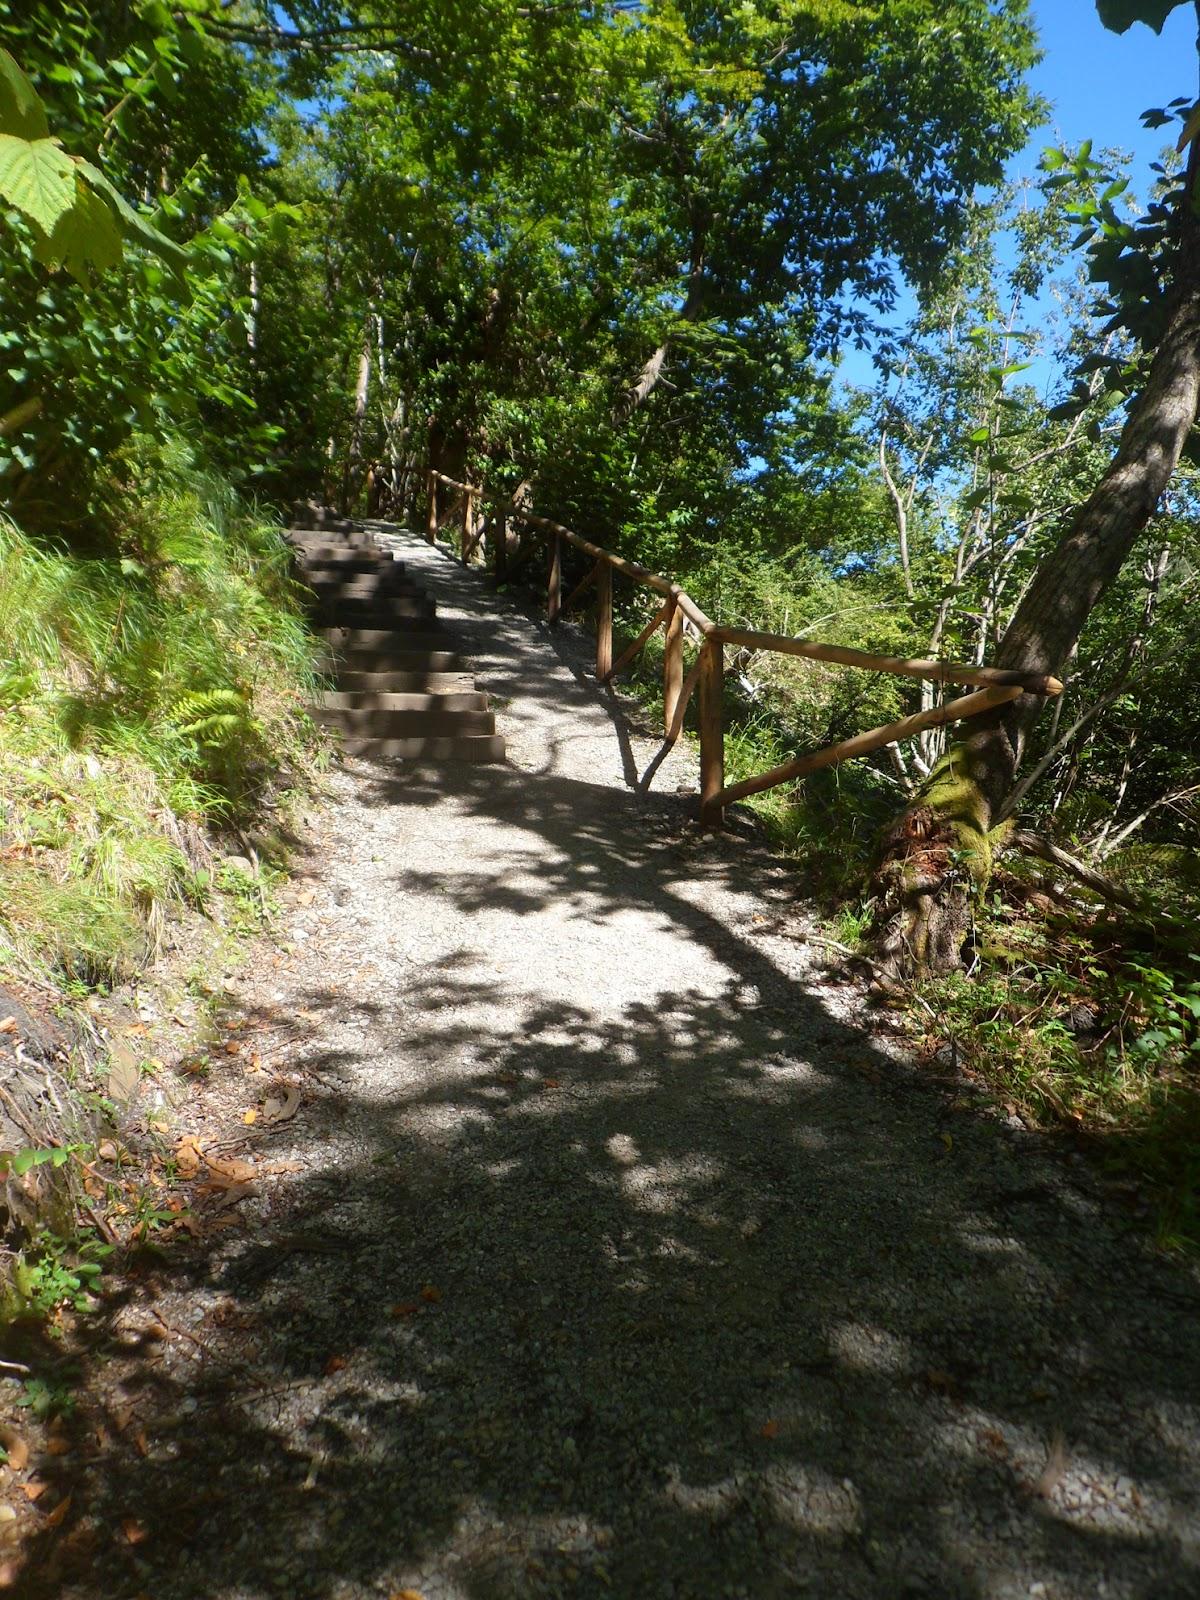 Senda btt p r as 295 cascada de xurbeo y canal de agua for Cascada par